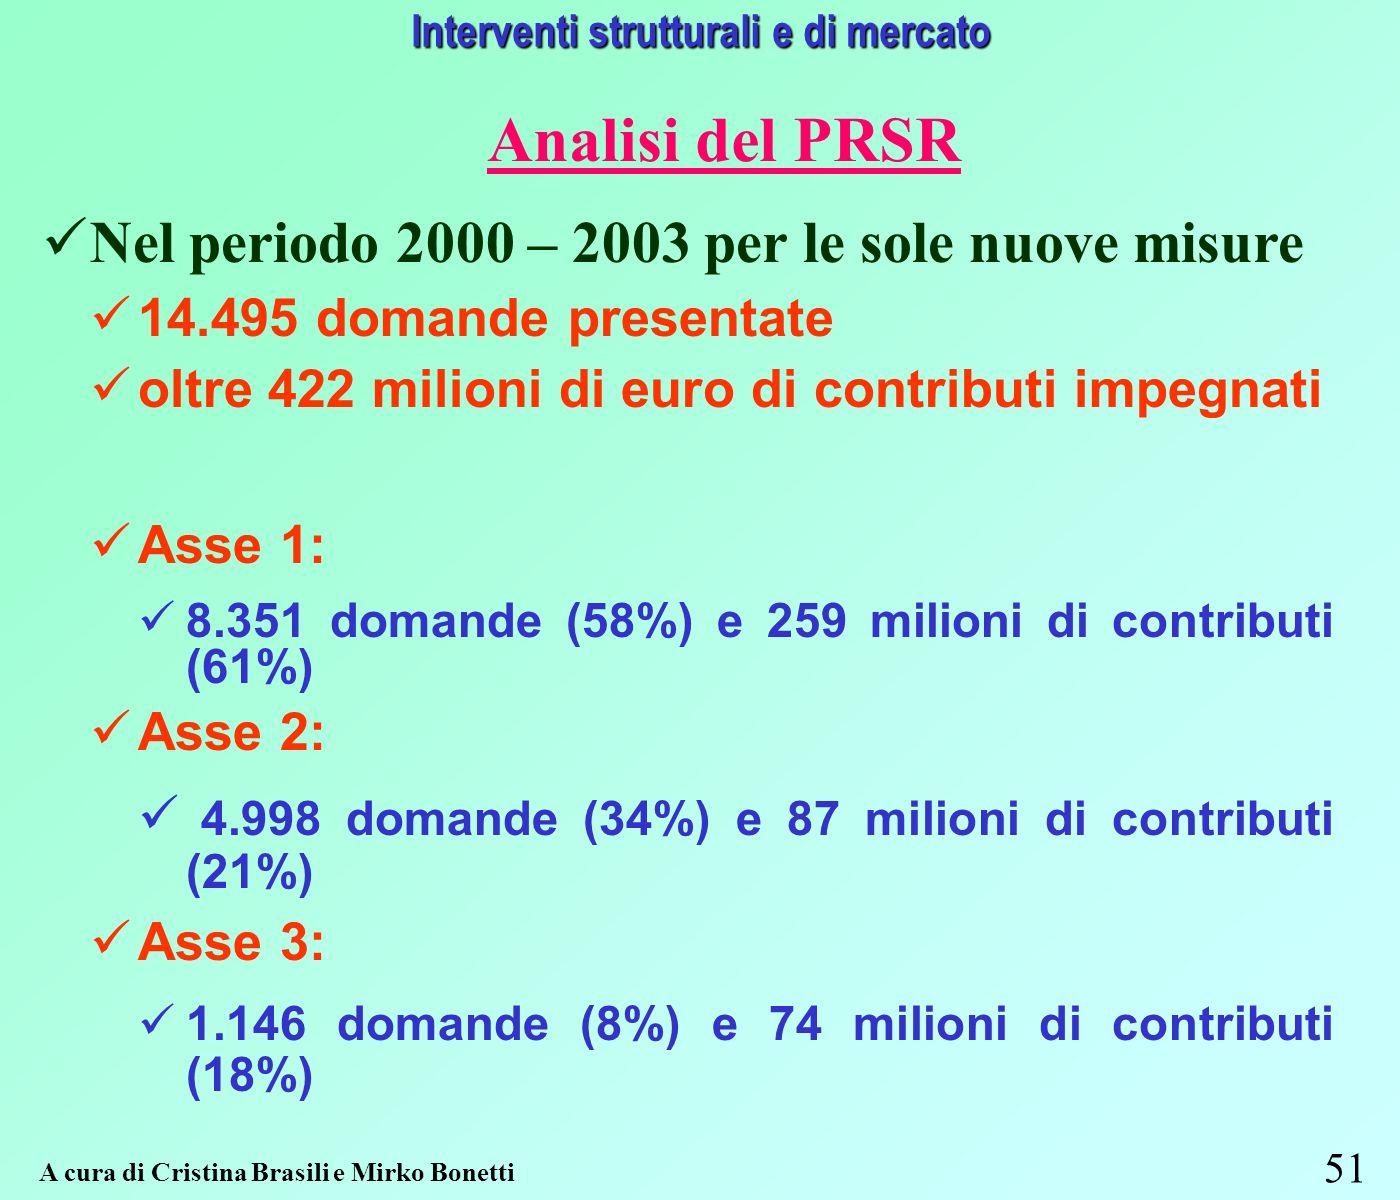 51 Interventi strutturali e di mercato Analisi del PRSR A cura di Cristina Brasili e Mirko Bonetti Nel periodo 2000 – 2003 per le sole nuove misure 14.495 domande presentate oltre 422 milioni di euro di contributi impegnati Asse 1: 8.351 domande (58%) e 259 milioni di contributi (61%) Asse 2: 4.998 domande (34%) e 87 milioni di contributi (21%) Asse 3: 1.146 domande (8%) e 74 milioni di contributi (18%)